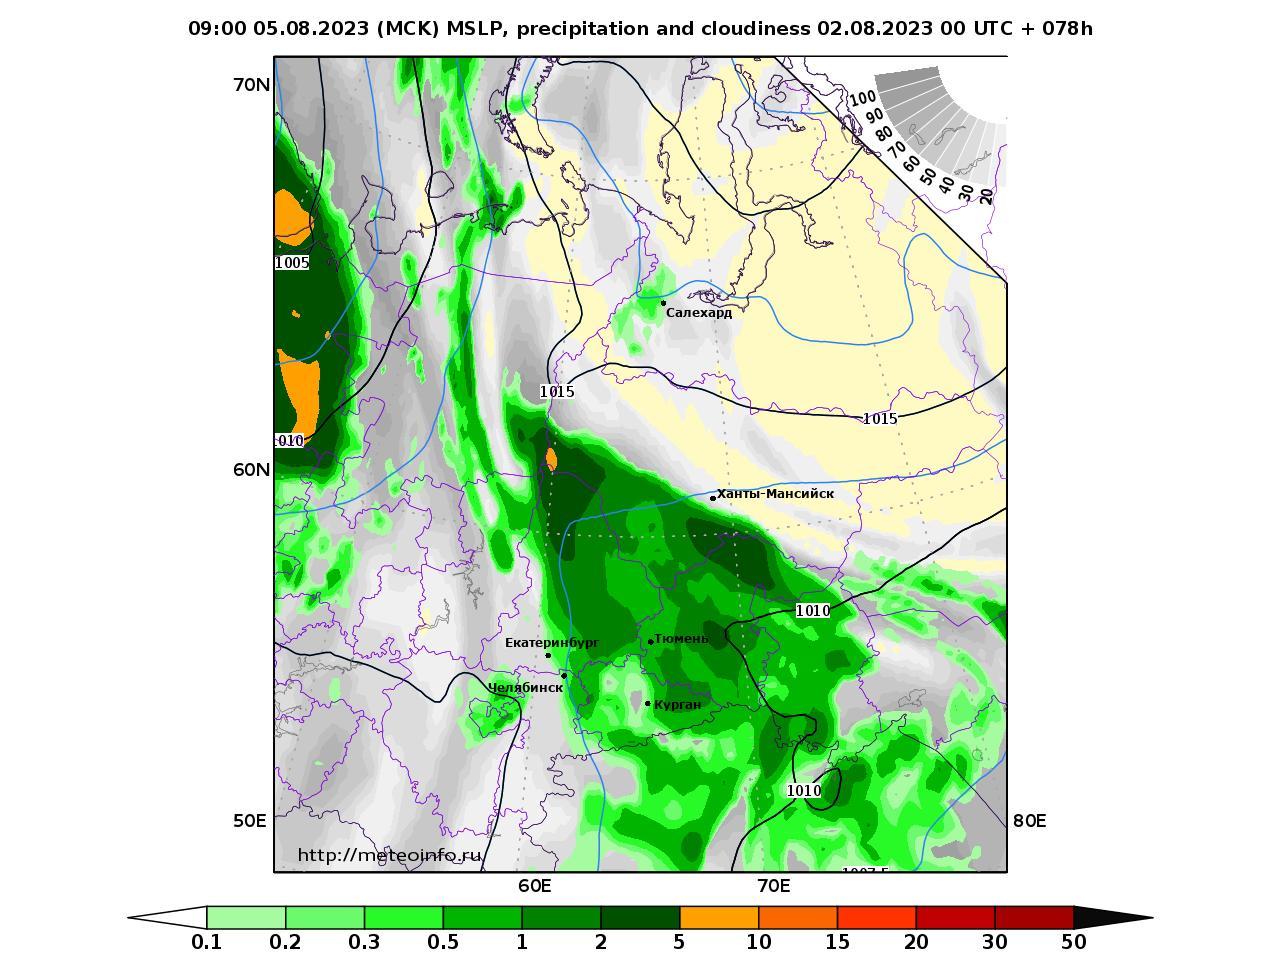 Уральский Федеральный округ, прогностическая карта осадки и давление, заблаговременность прогноза 78 часов